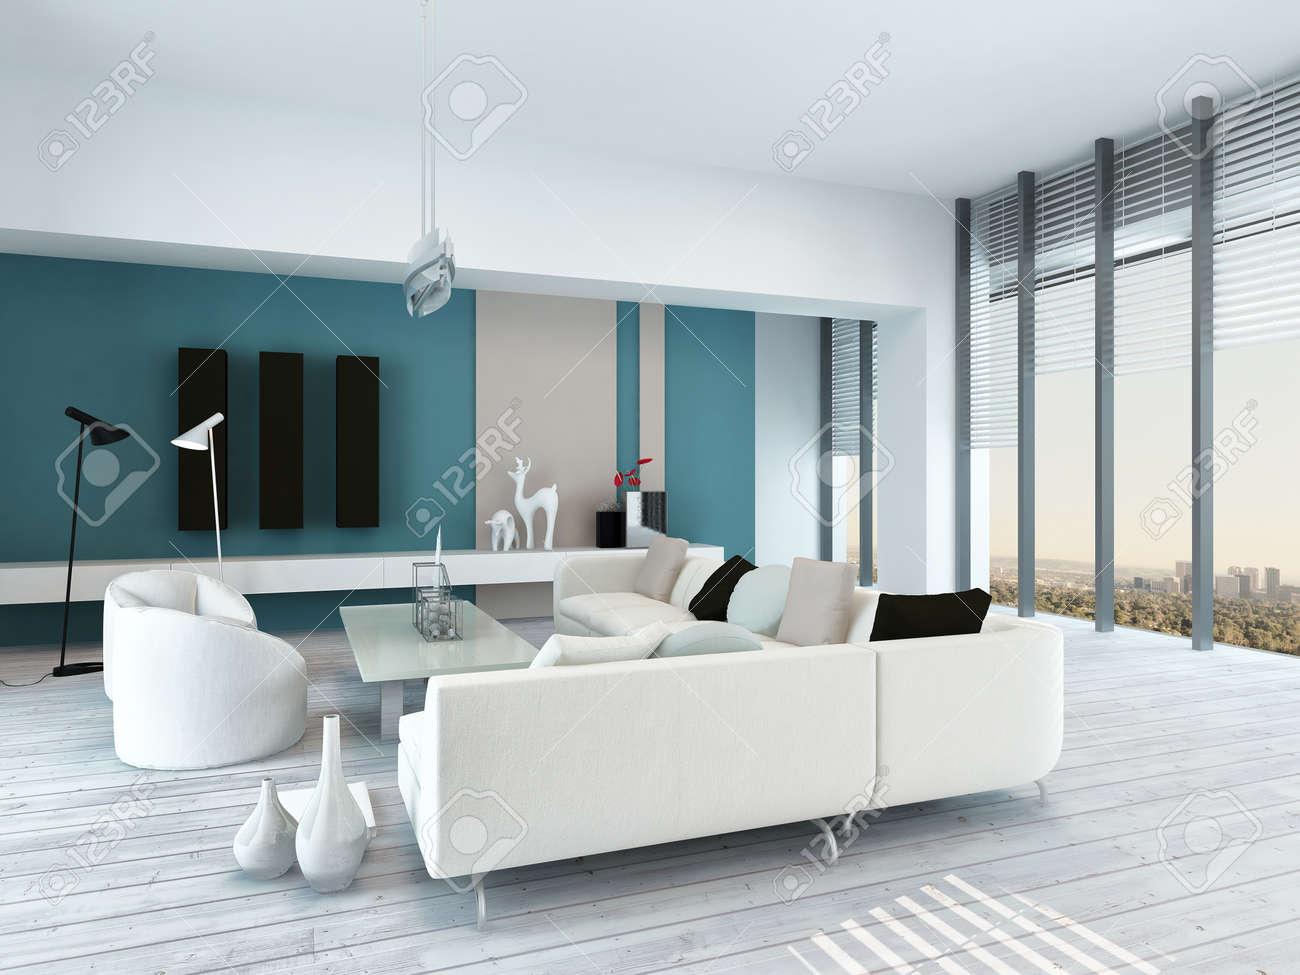 bella blu e bianco interni soggiorno con bianco rustico verniciato ... - Soggiorno Bianco E Blu